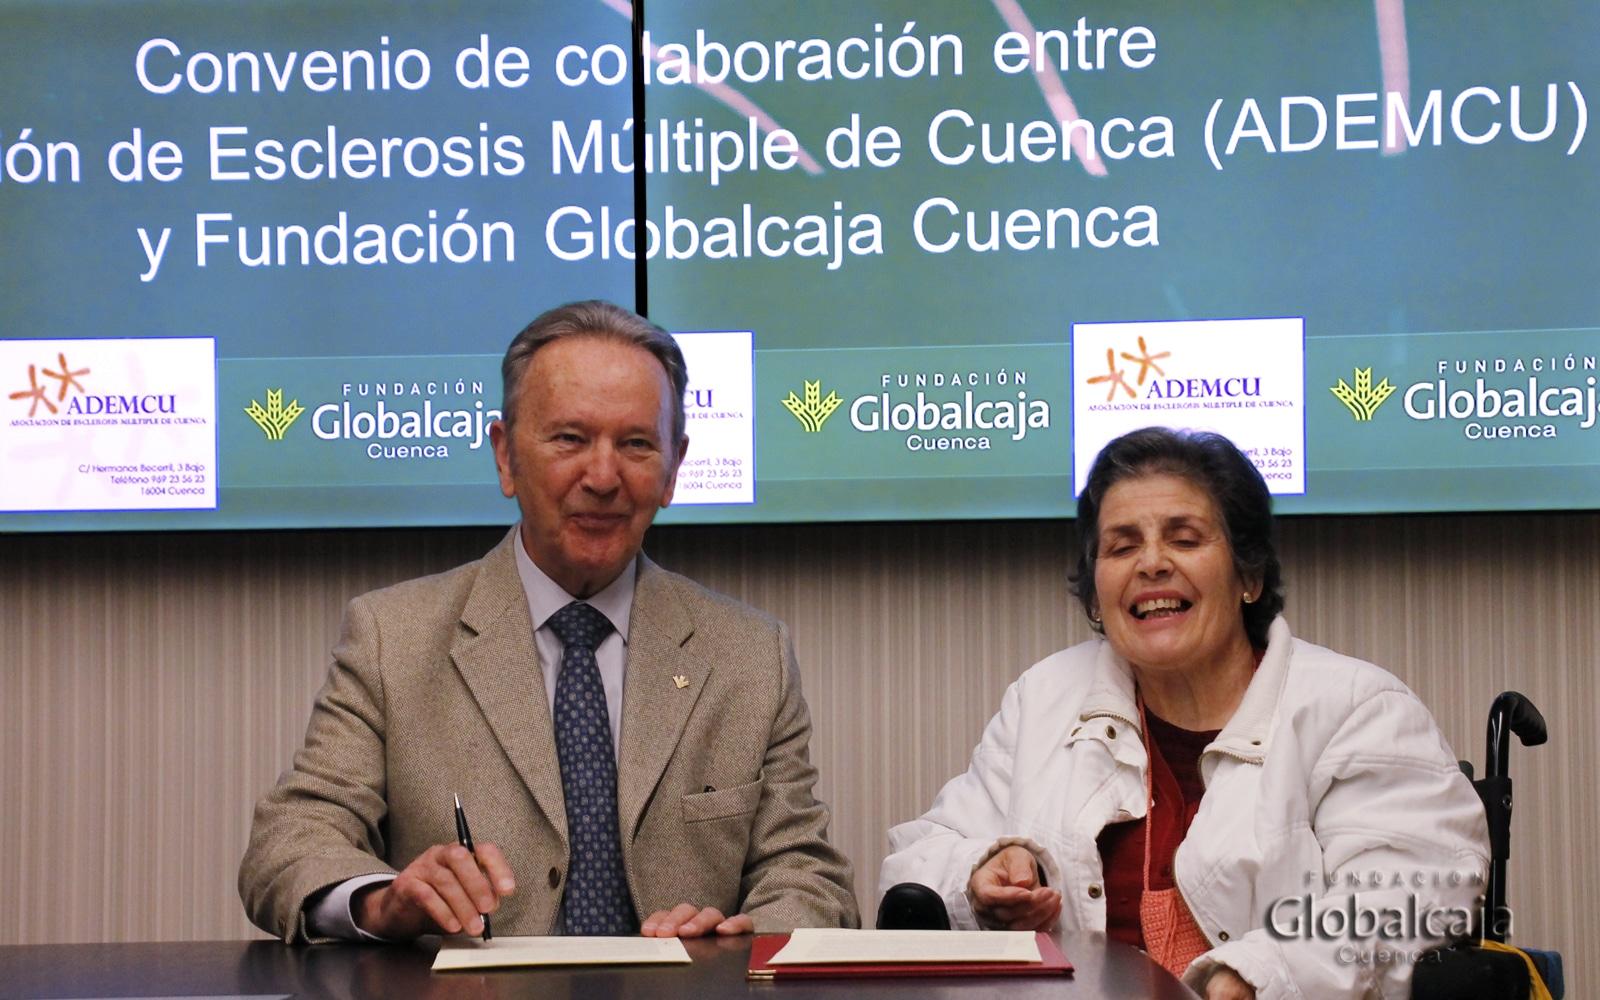 https://blog.globalcaja.es/wp-content/uploads/2017/07/ademcu.jpg